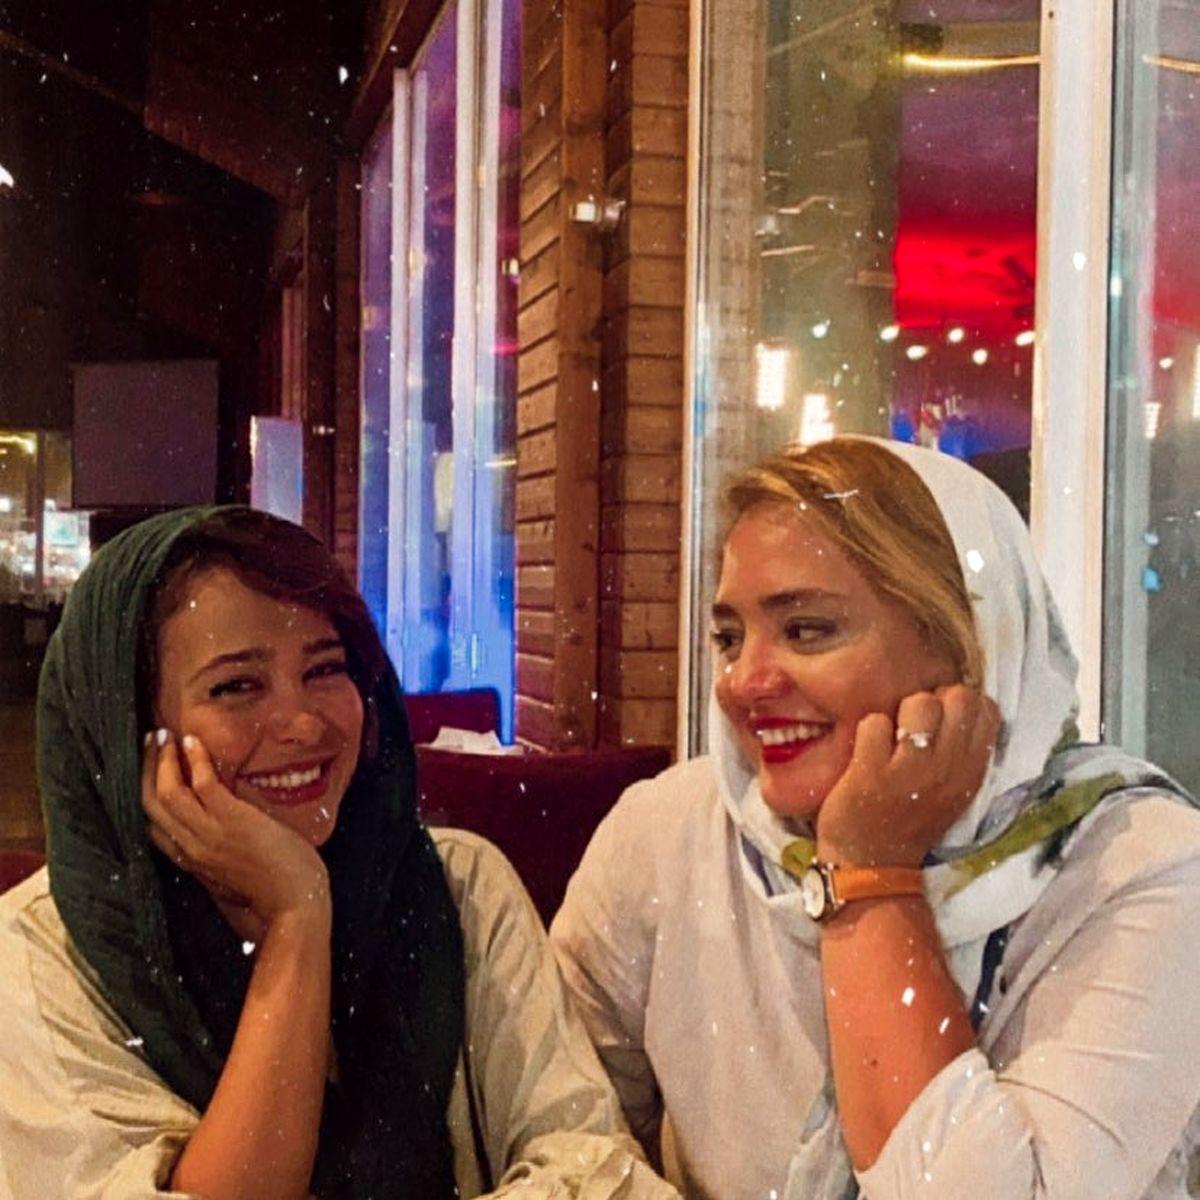 کافهگردی الناز حبیبی با دوست بازیگرش + عکس